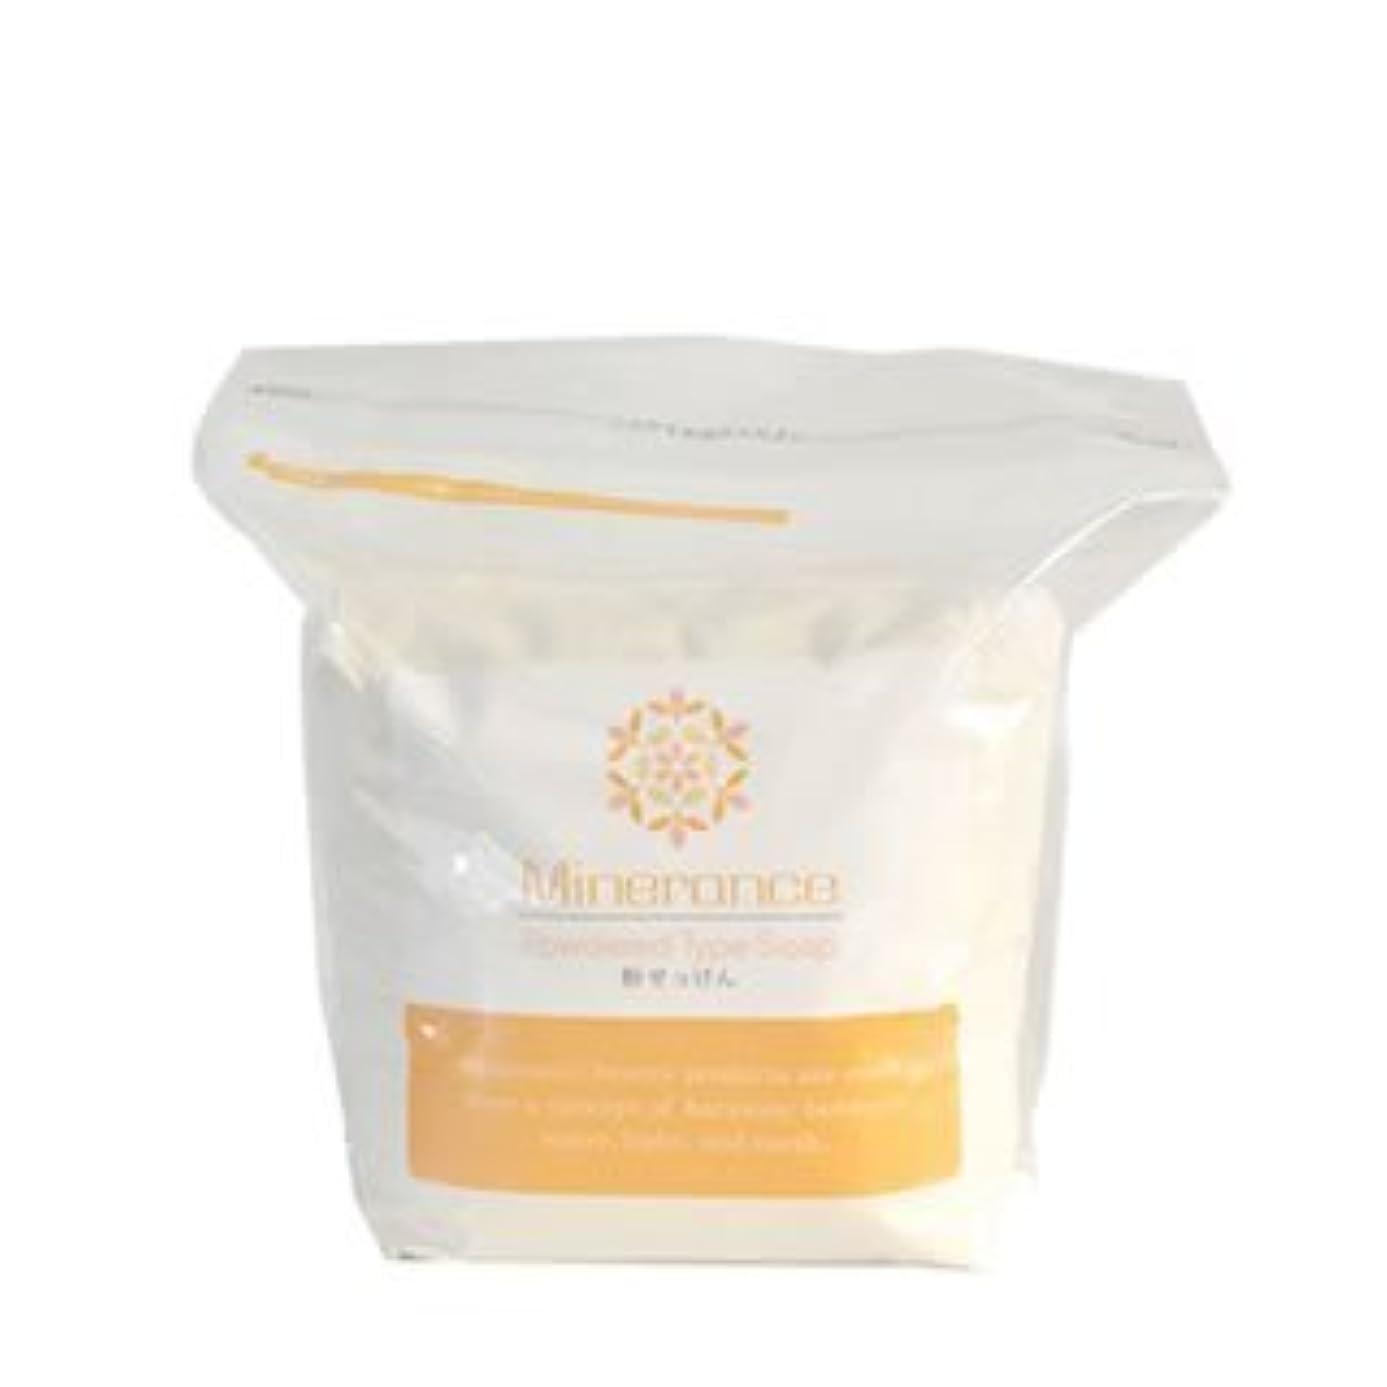 スムーズに十分に良さミネランス 粉石鹸 1kg 詰め替え用